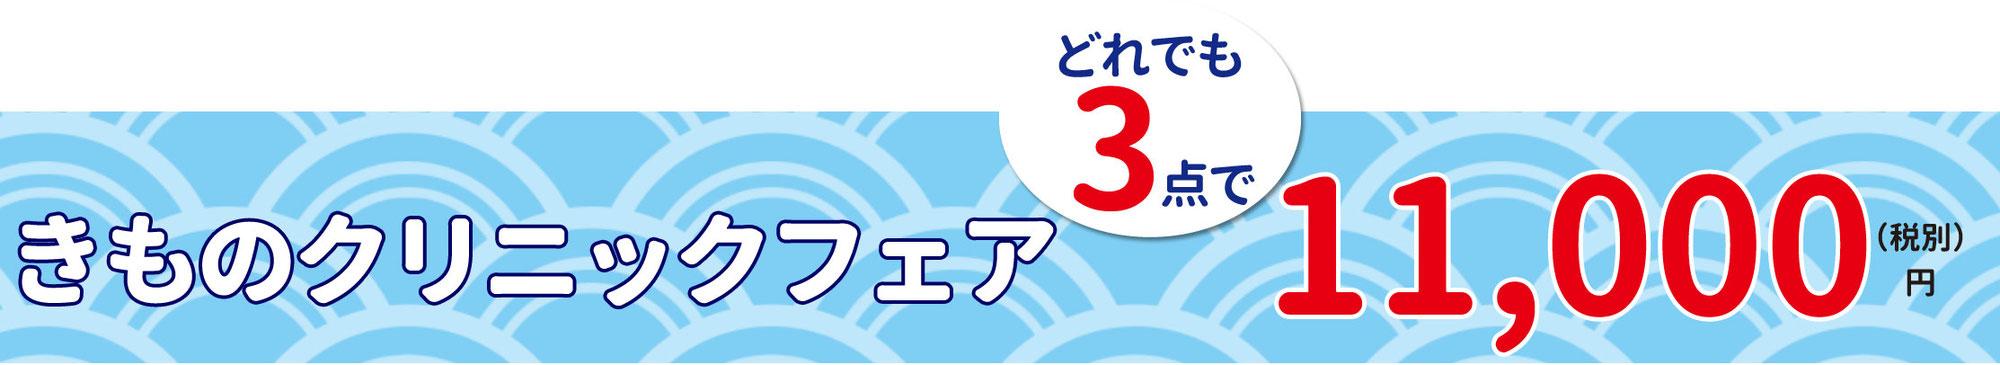 【1/15-1/31】クリーニングフェア!【開催】